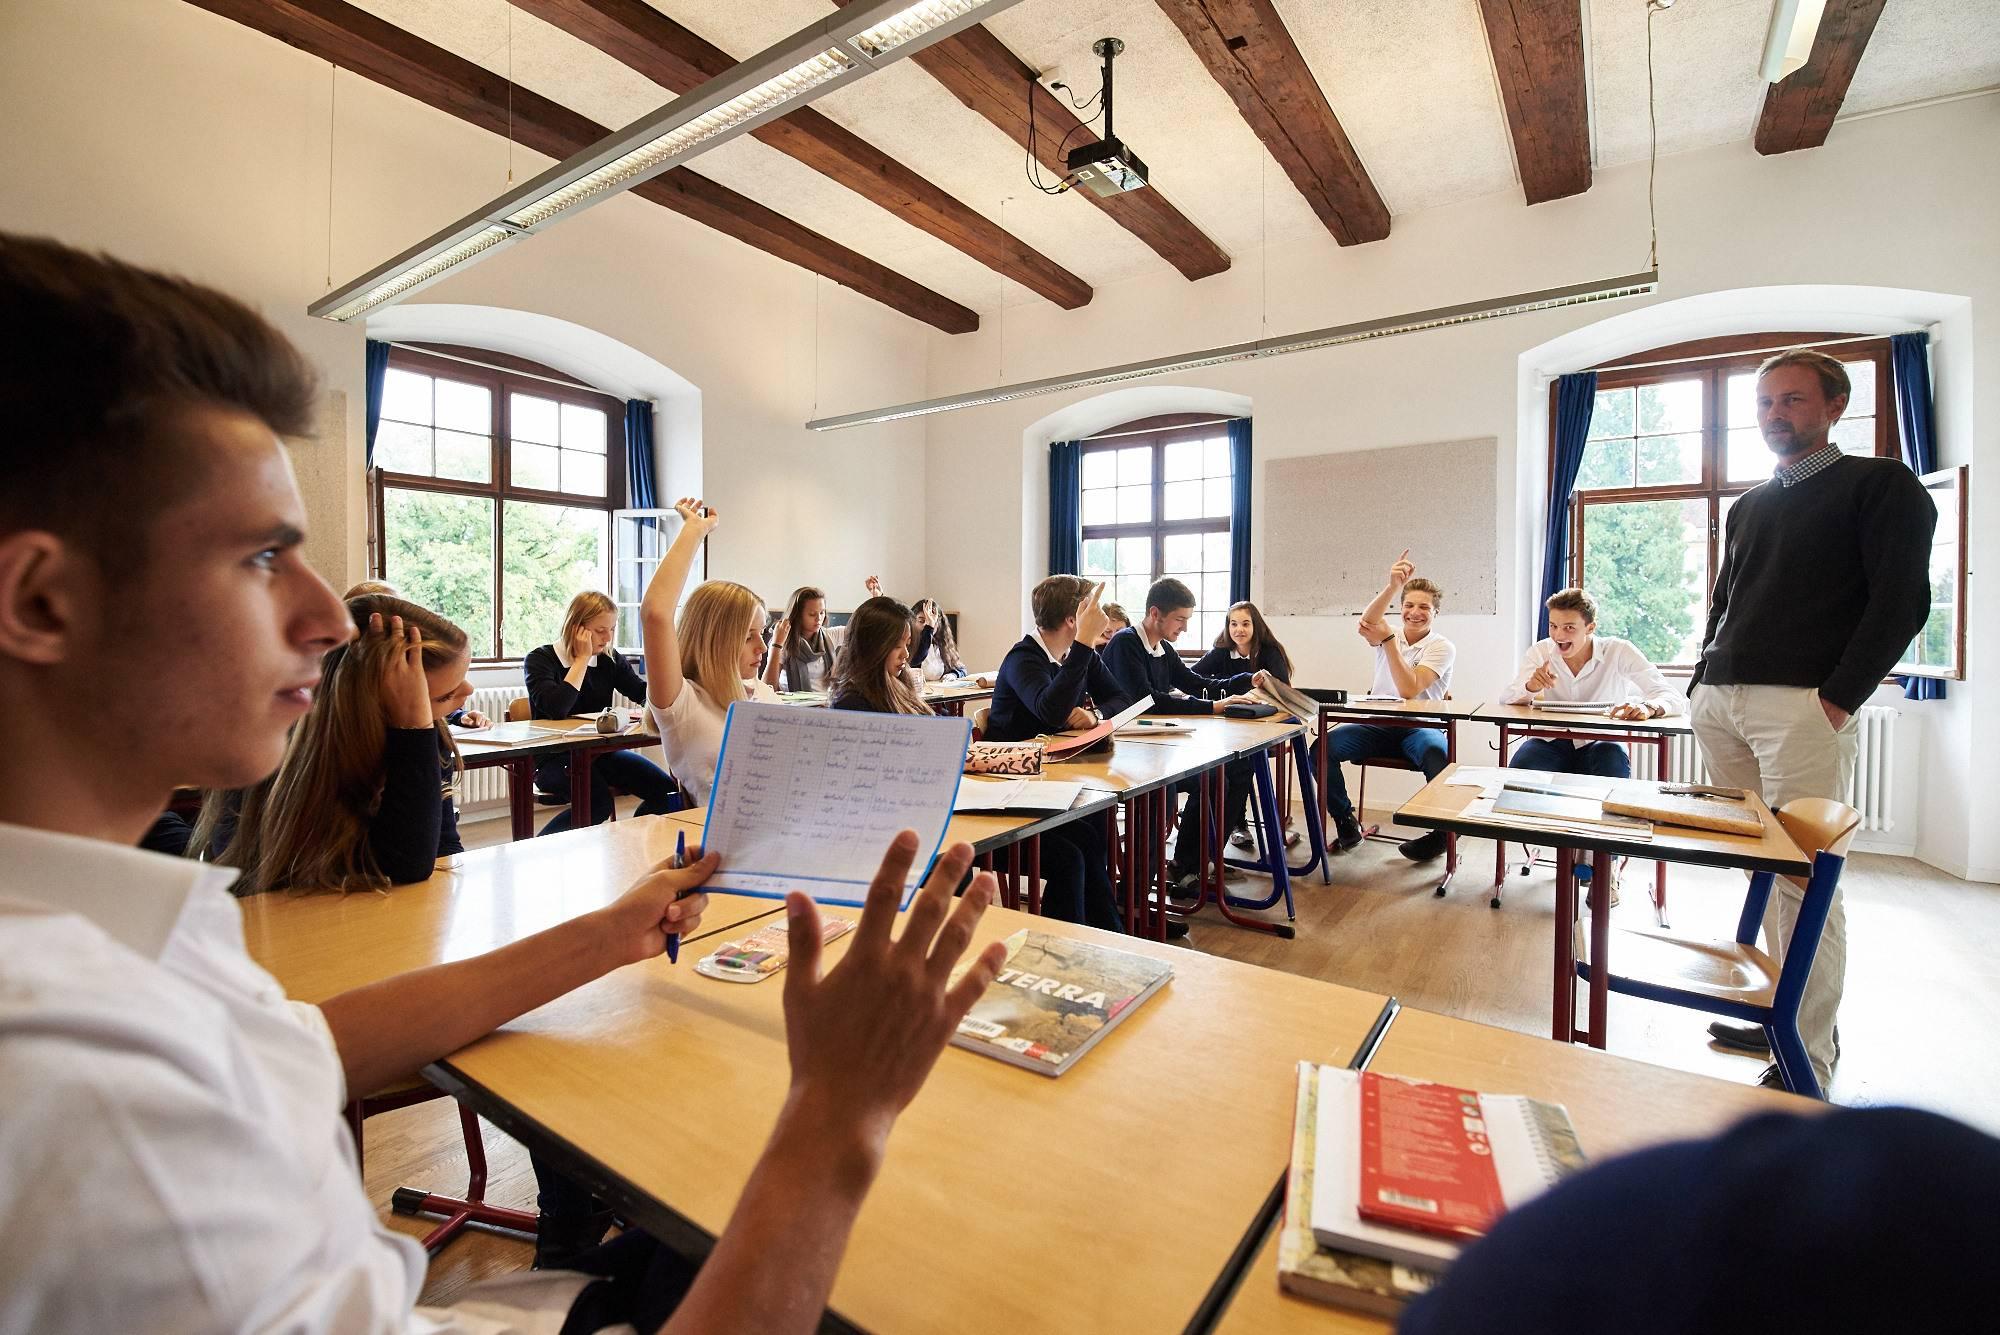 Что представляет собой начальная школа австрии?